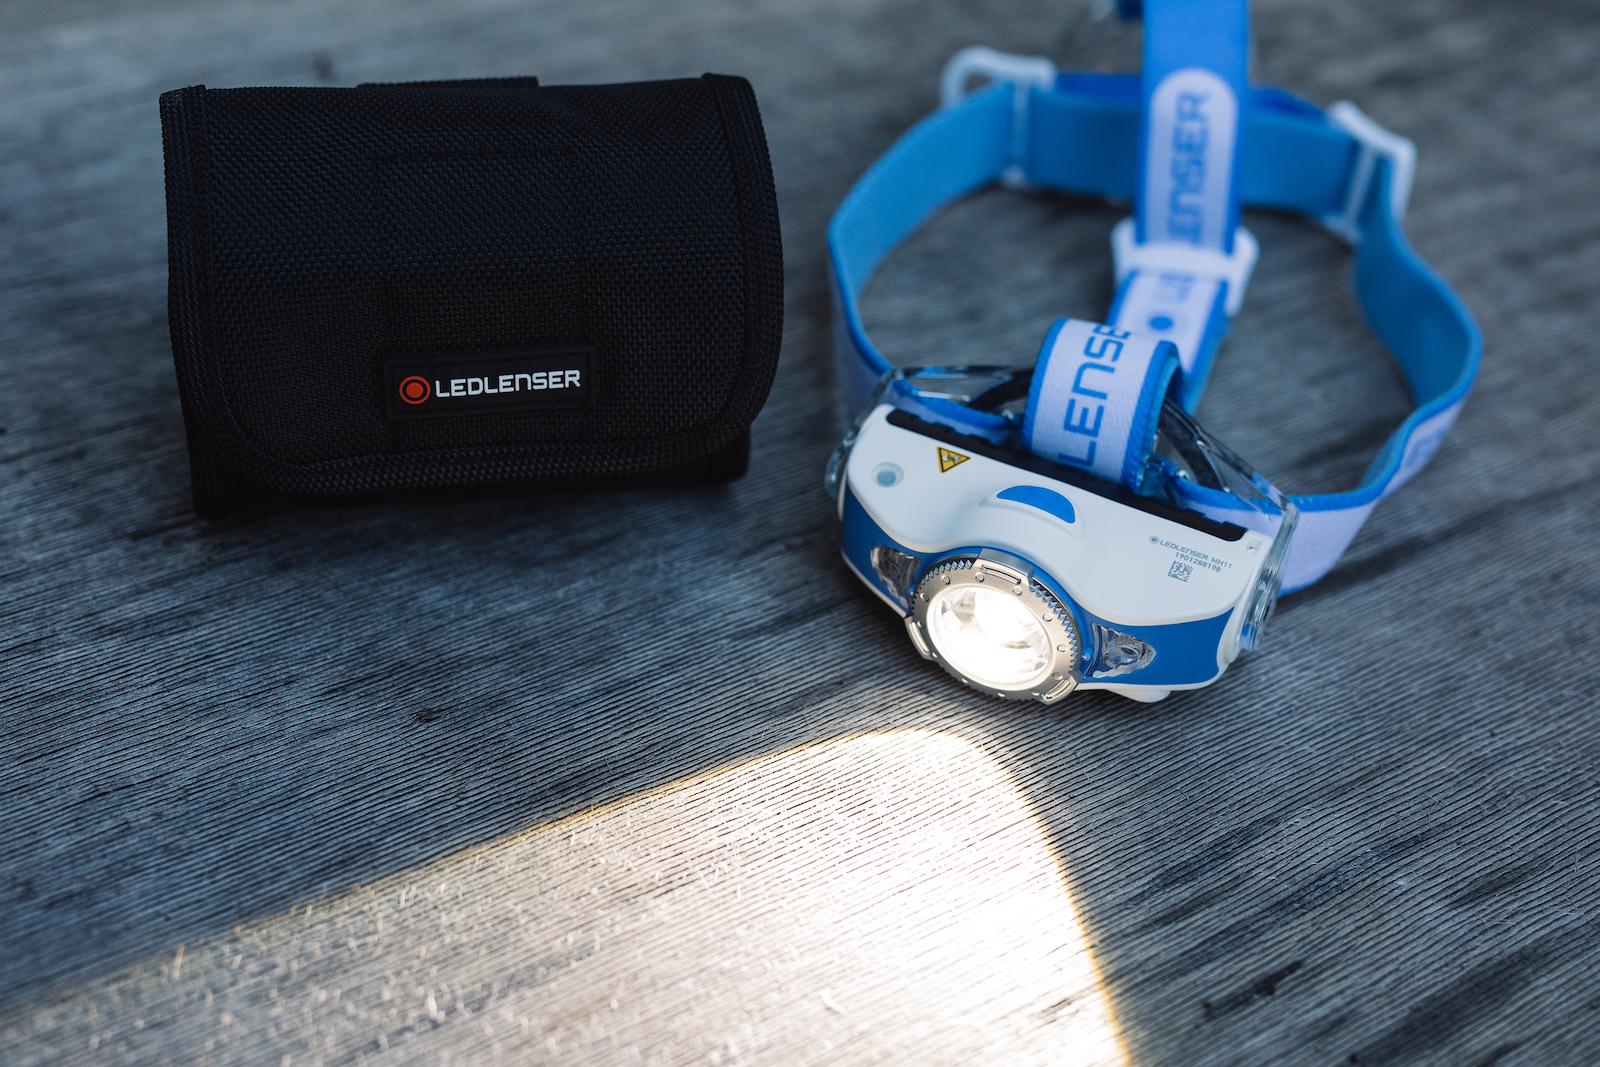 Ausrüstung für Offroad-Reisen - Ledlenser MH11 Stirnlampe mit App